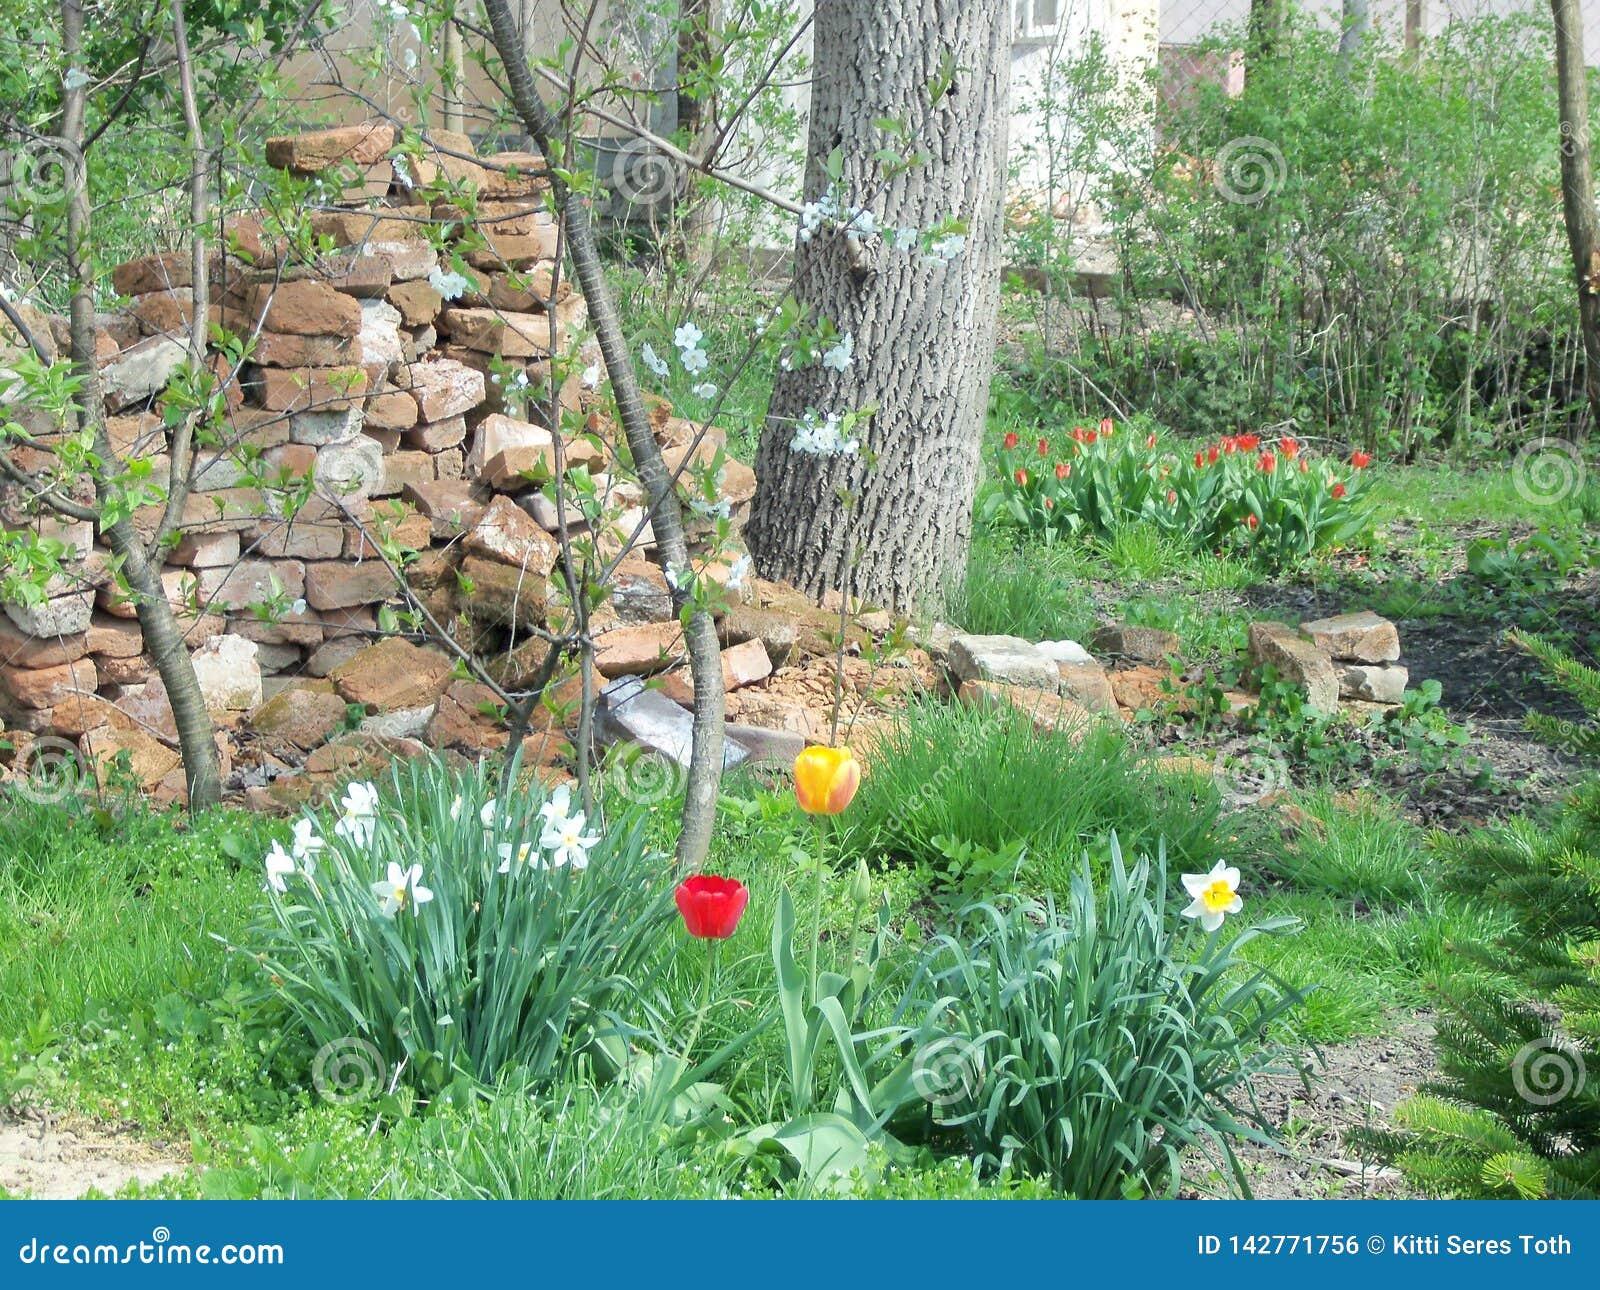 Unser Garten im April 2011